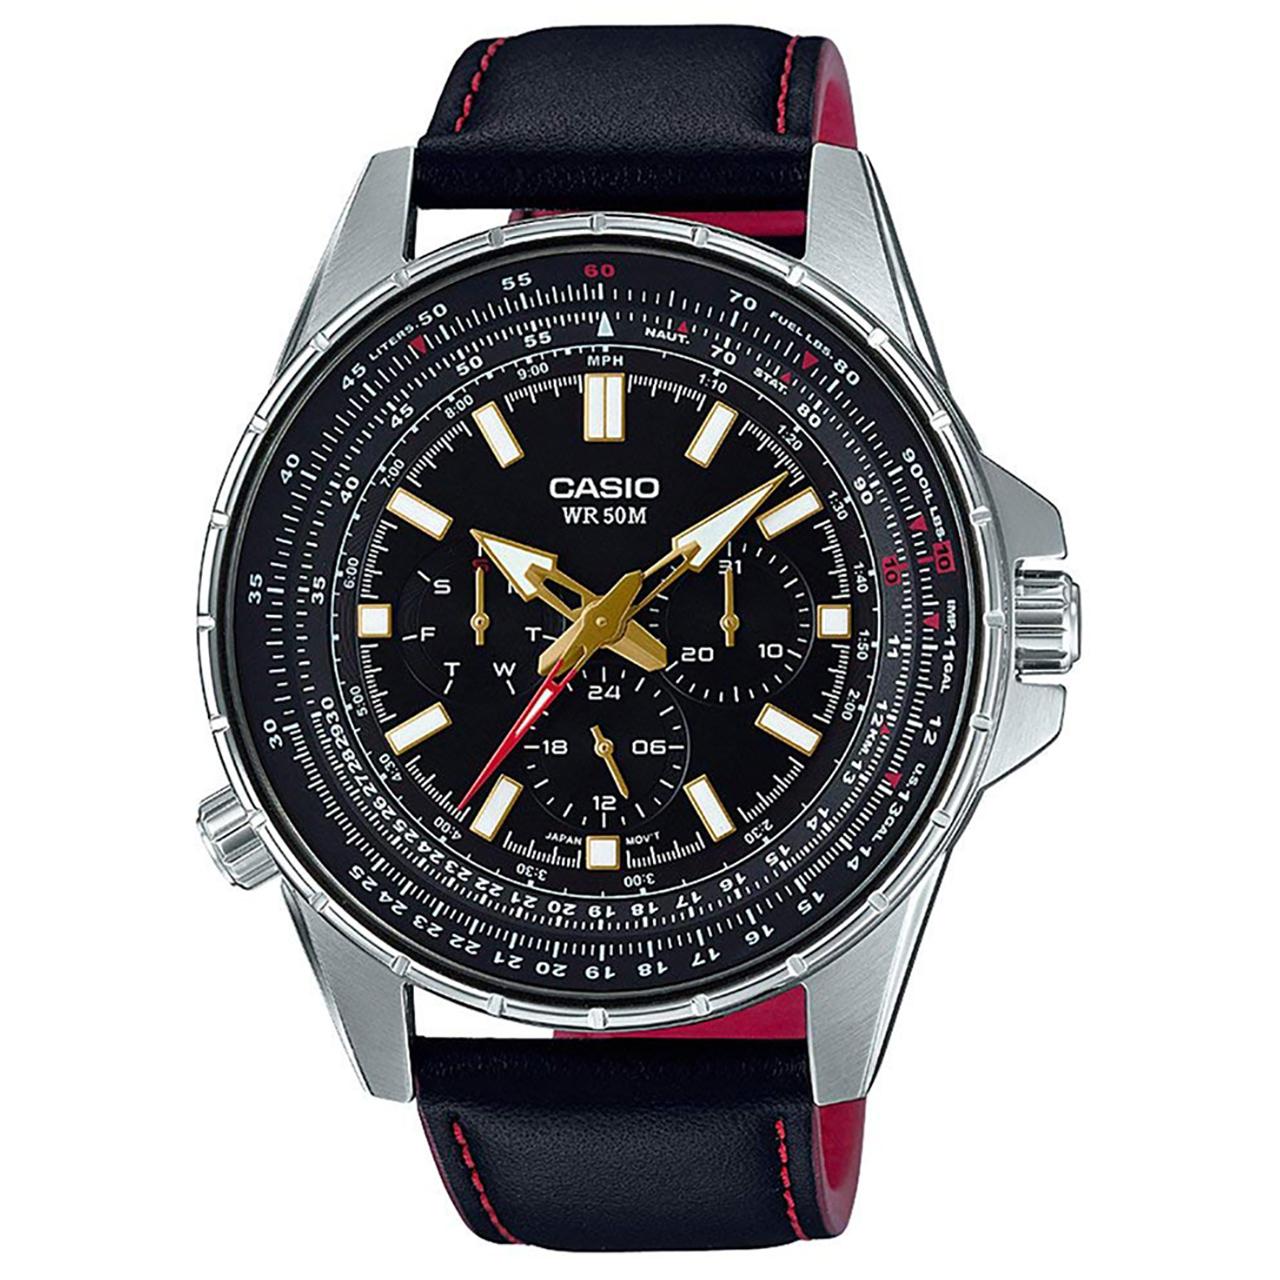 ساعت مچی عقربه ای مردانه کاسیو مدل MTP-SW320L-1AVDF              خرید (⭐️⭐️⭐️)